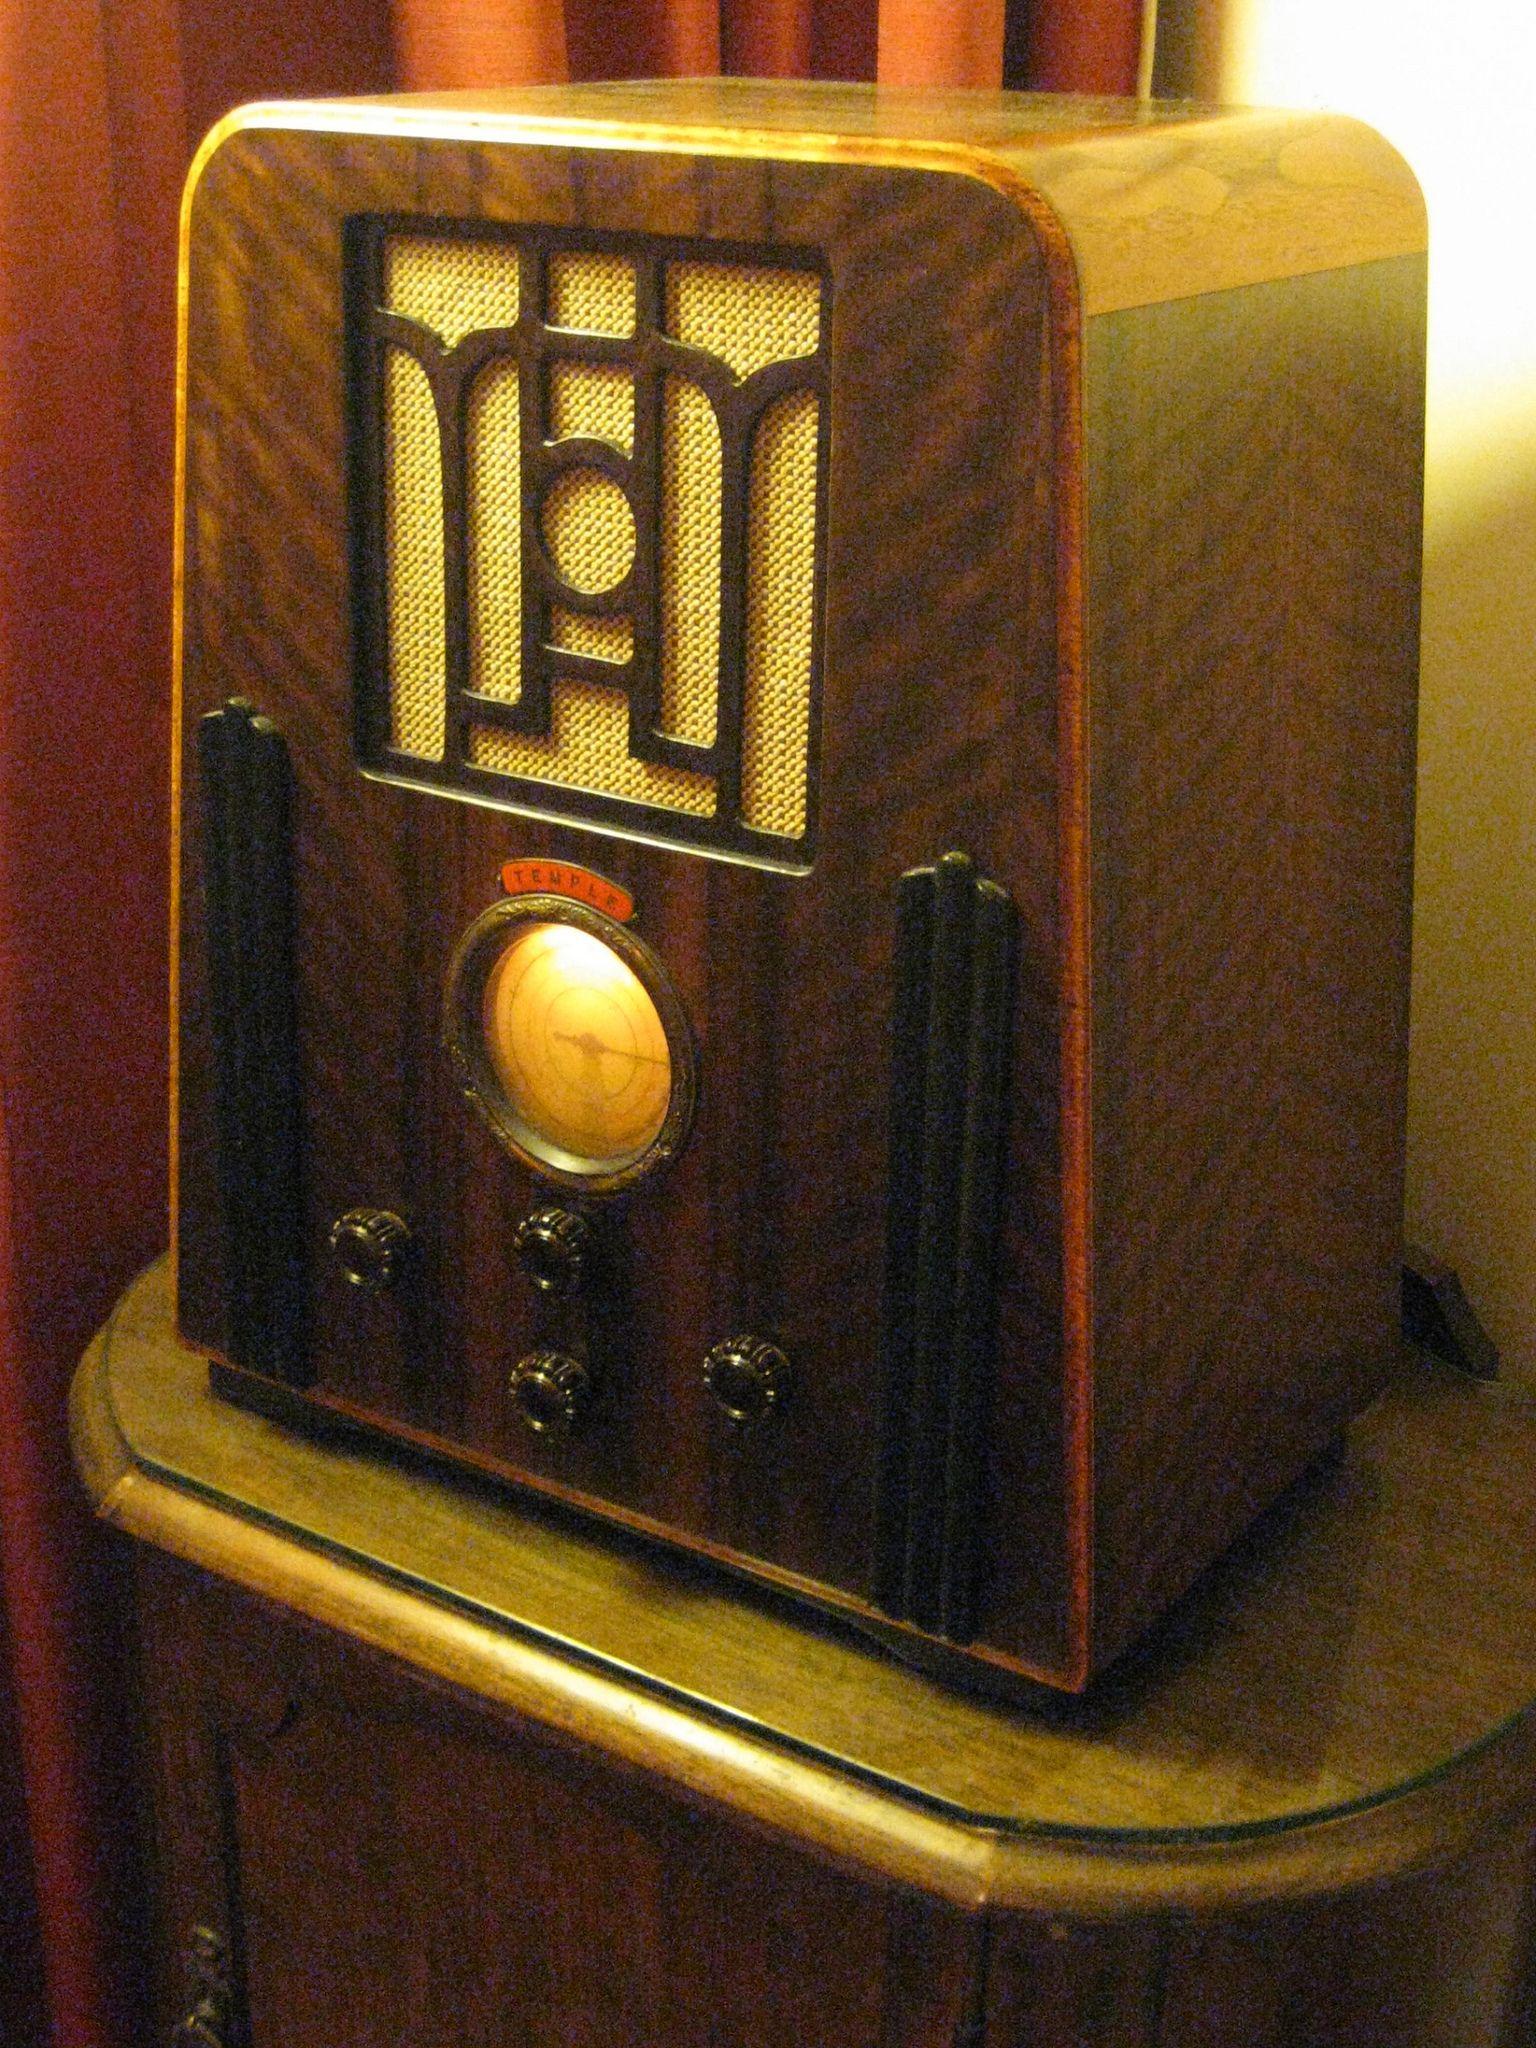 Temple Art Deco Wireless Radio 1935